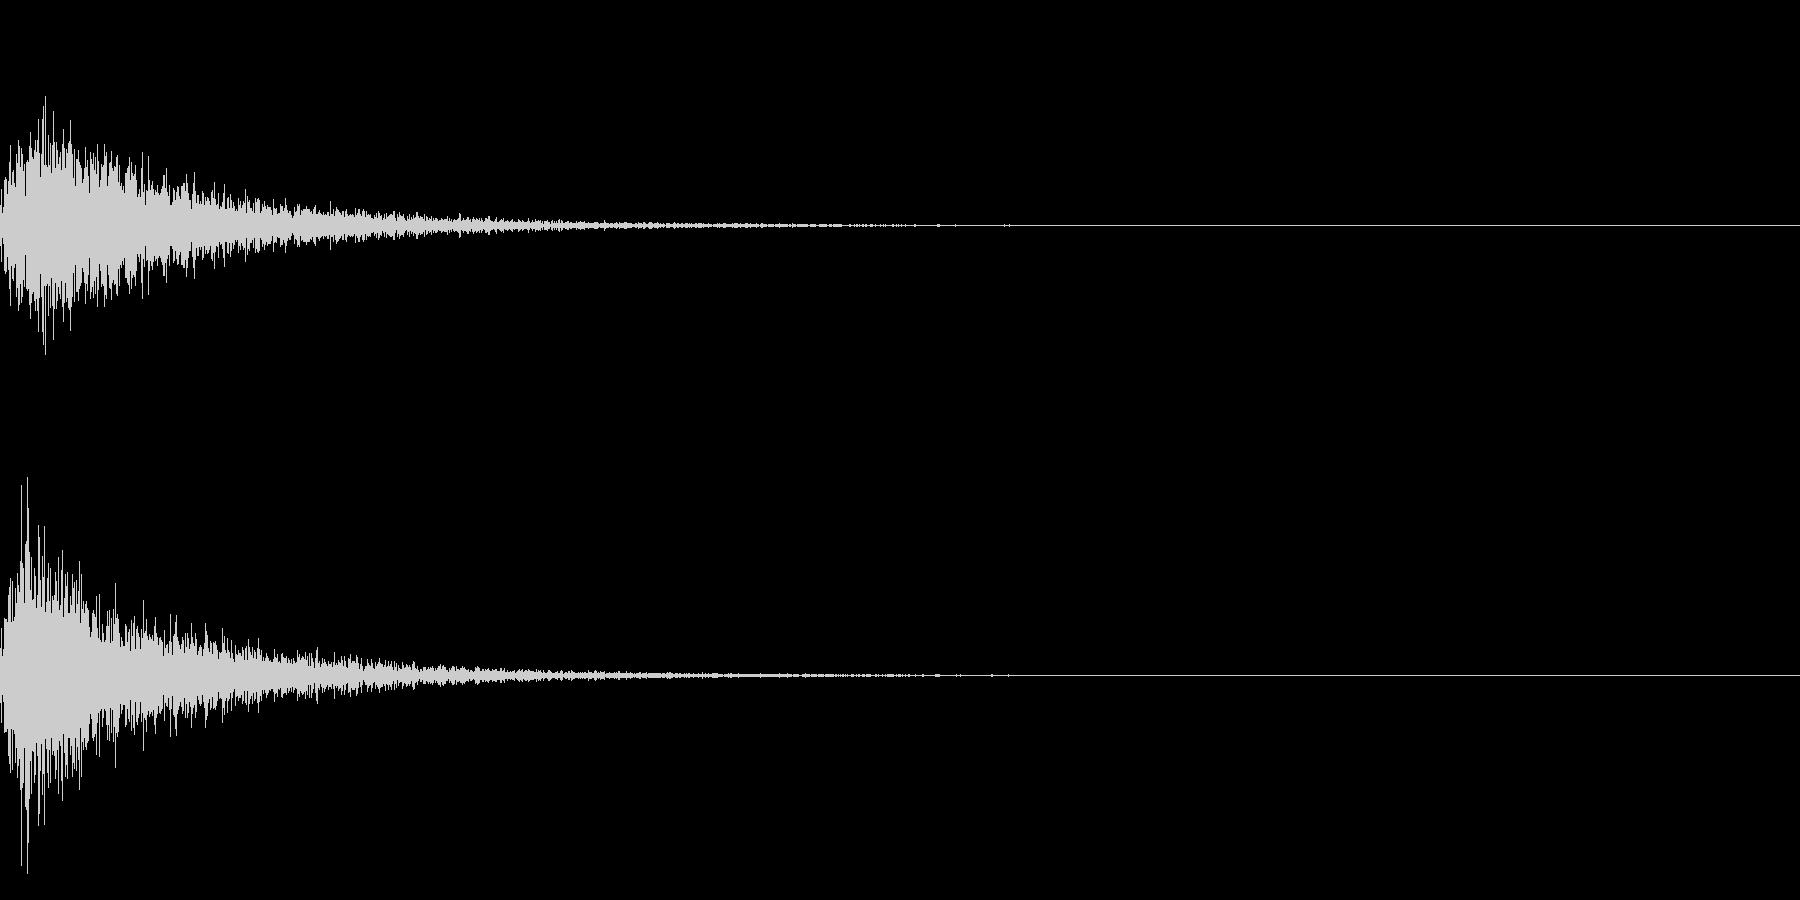 カン!和風な歌舞伎の床音(附け木)01の未再生の波形